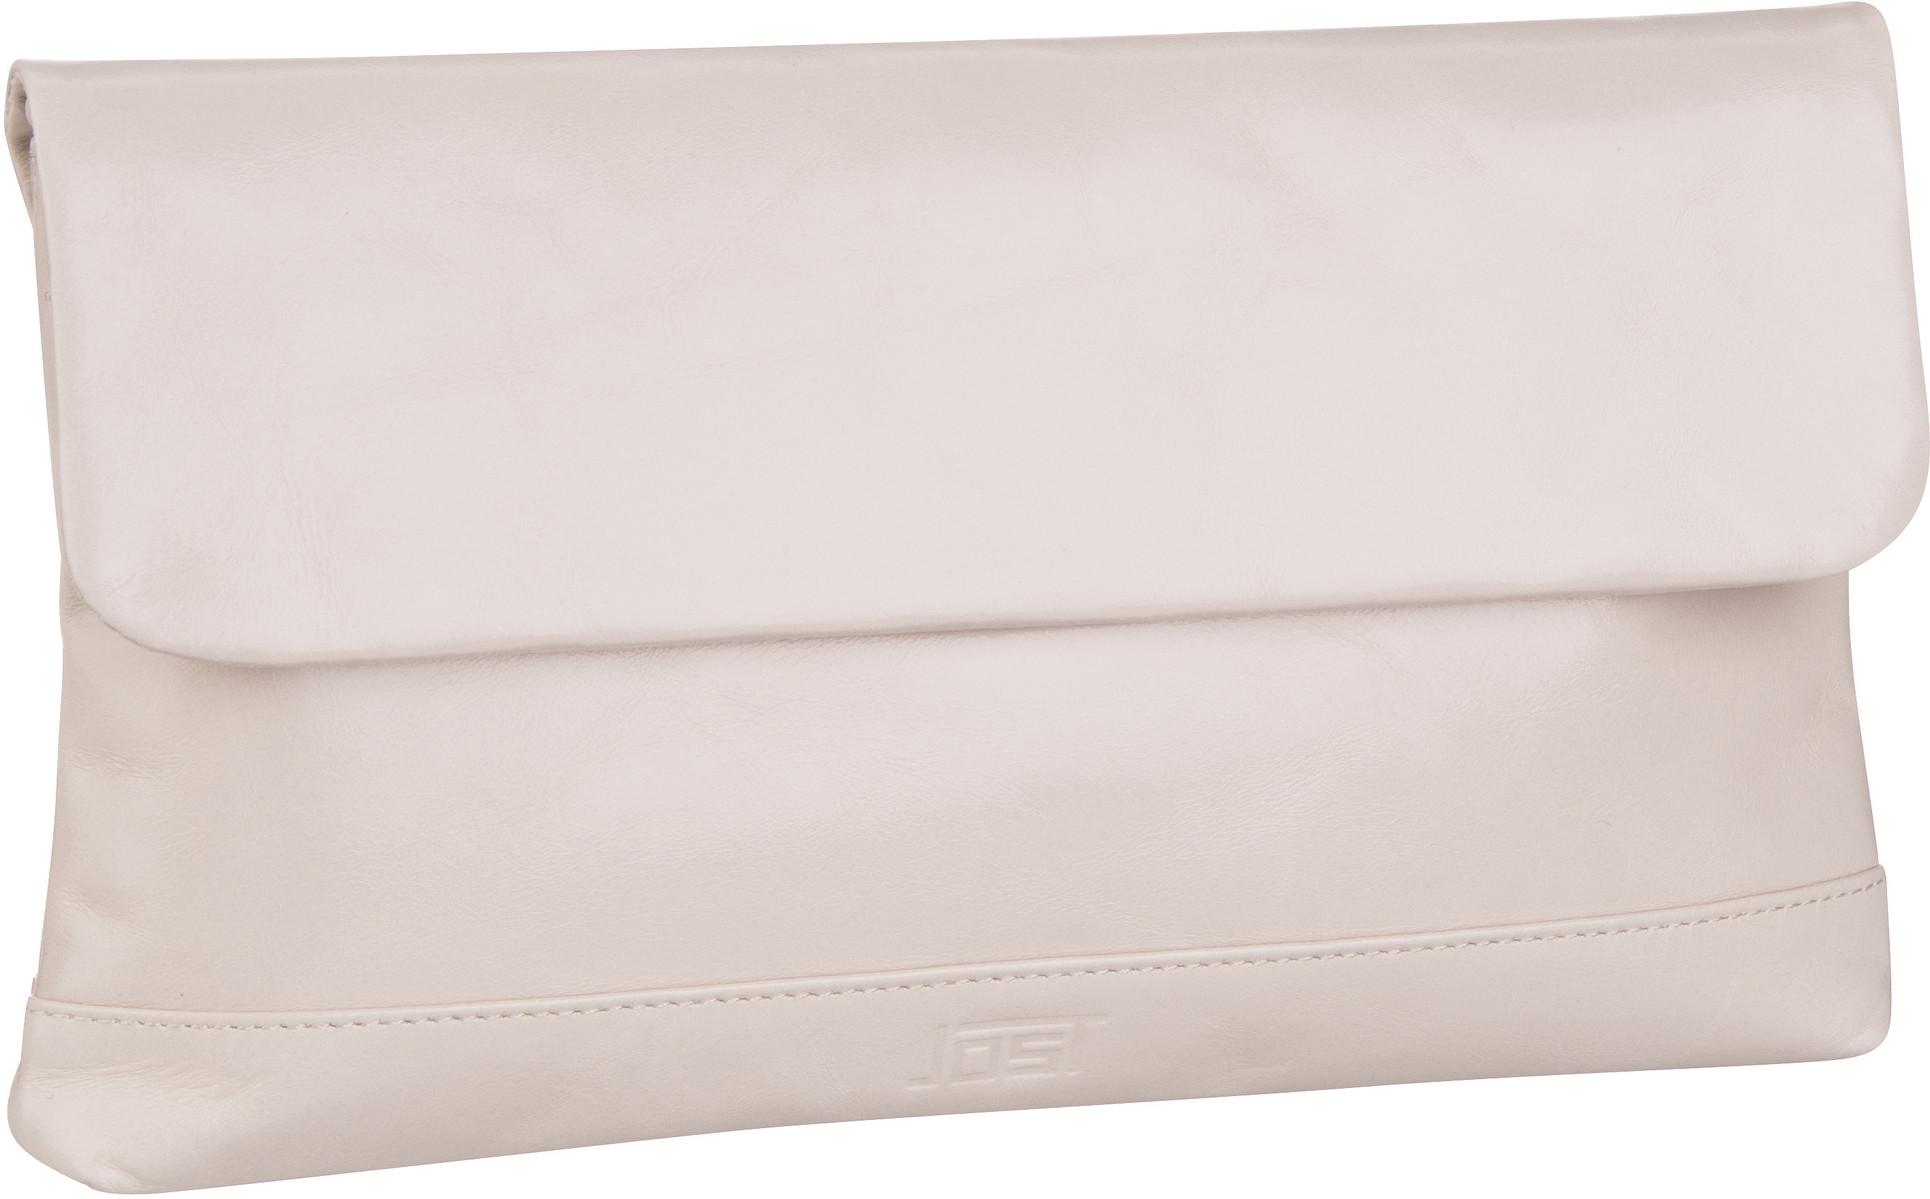 Handtasche Boda 6620 Clutch Offwhite